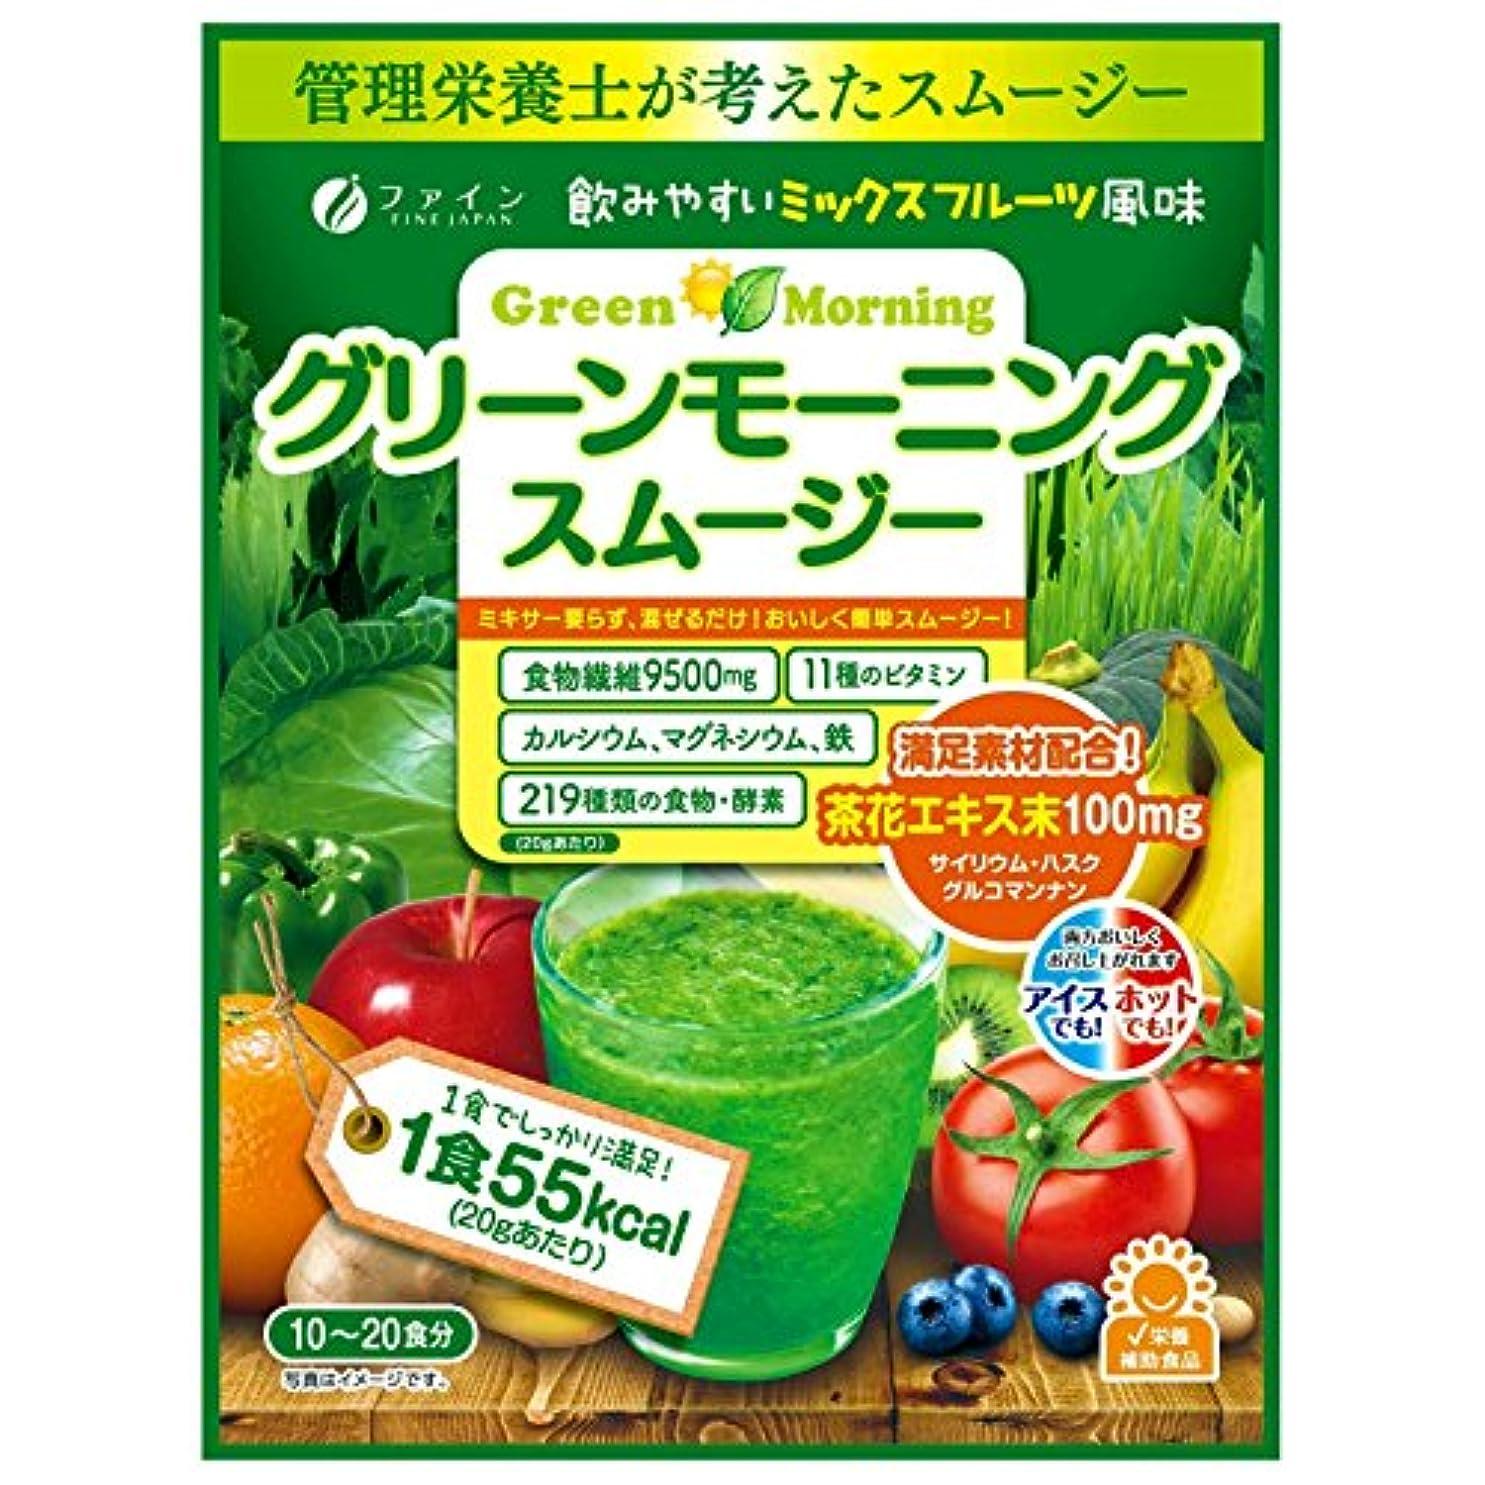 使用法密輸解決するファイン グリーンモーニングスムージー ミックスフルーツ風味 200g×4個セット